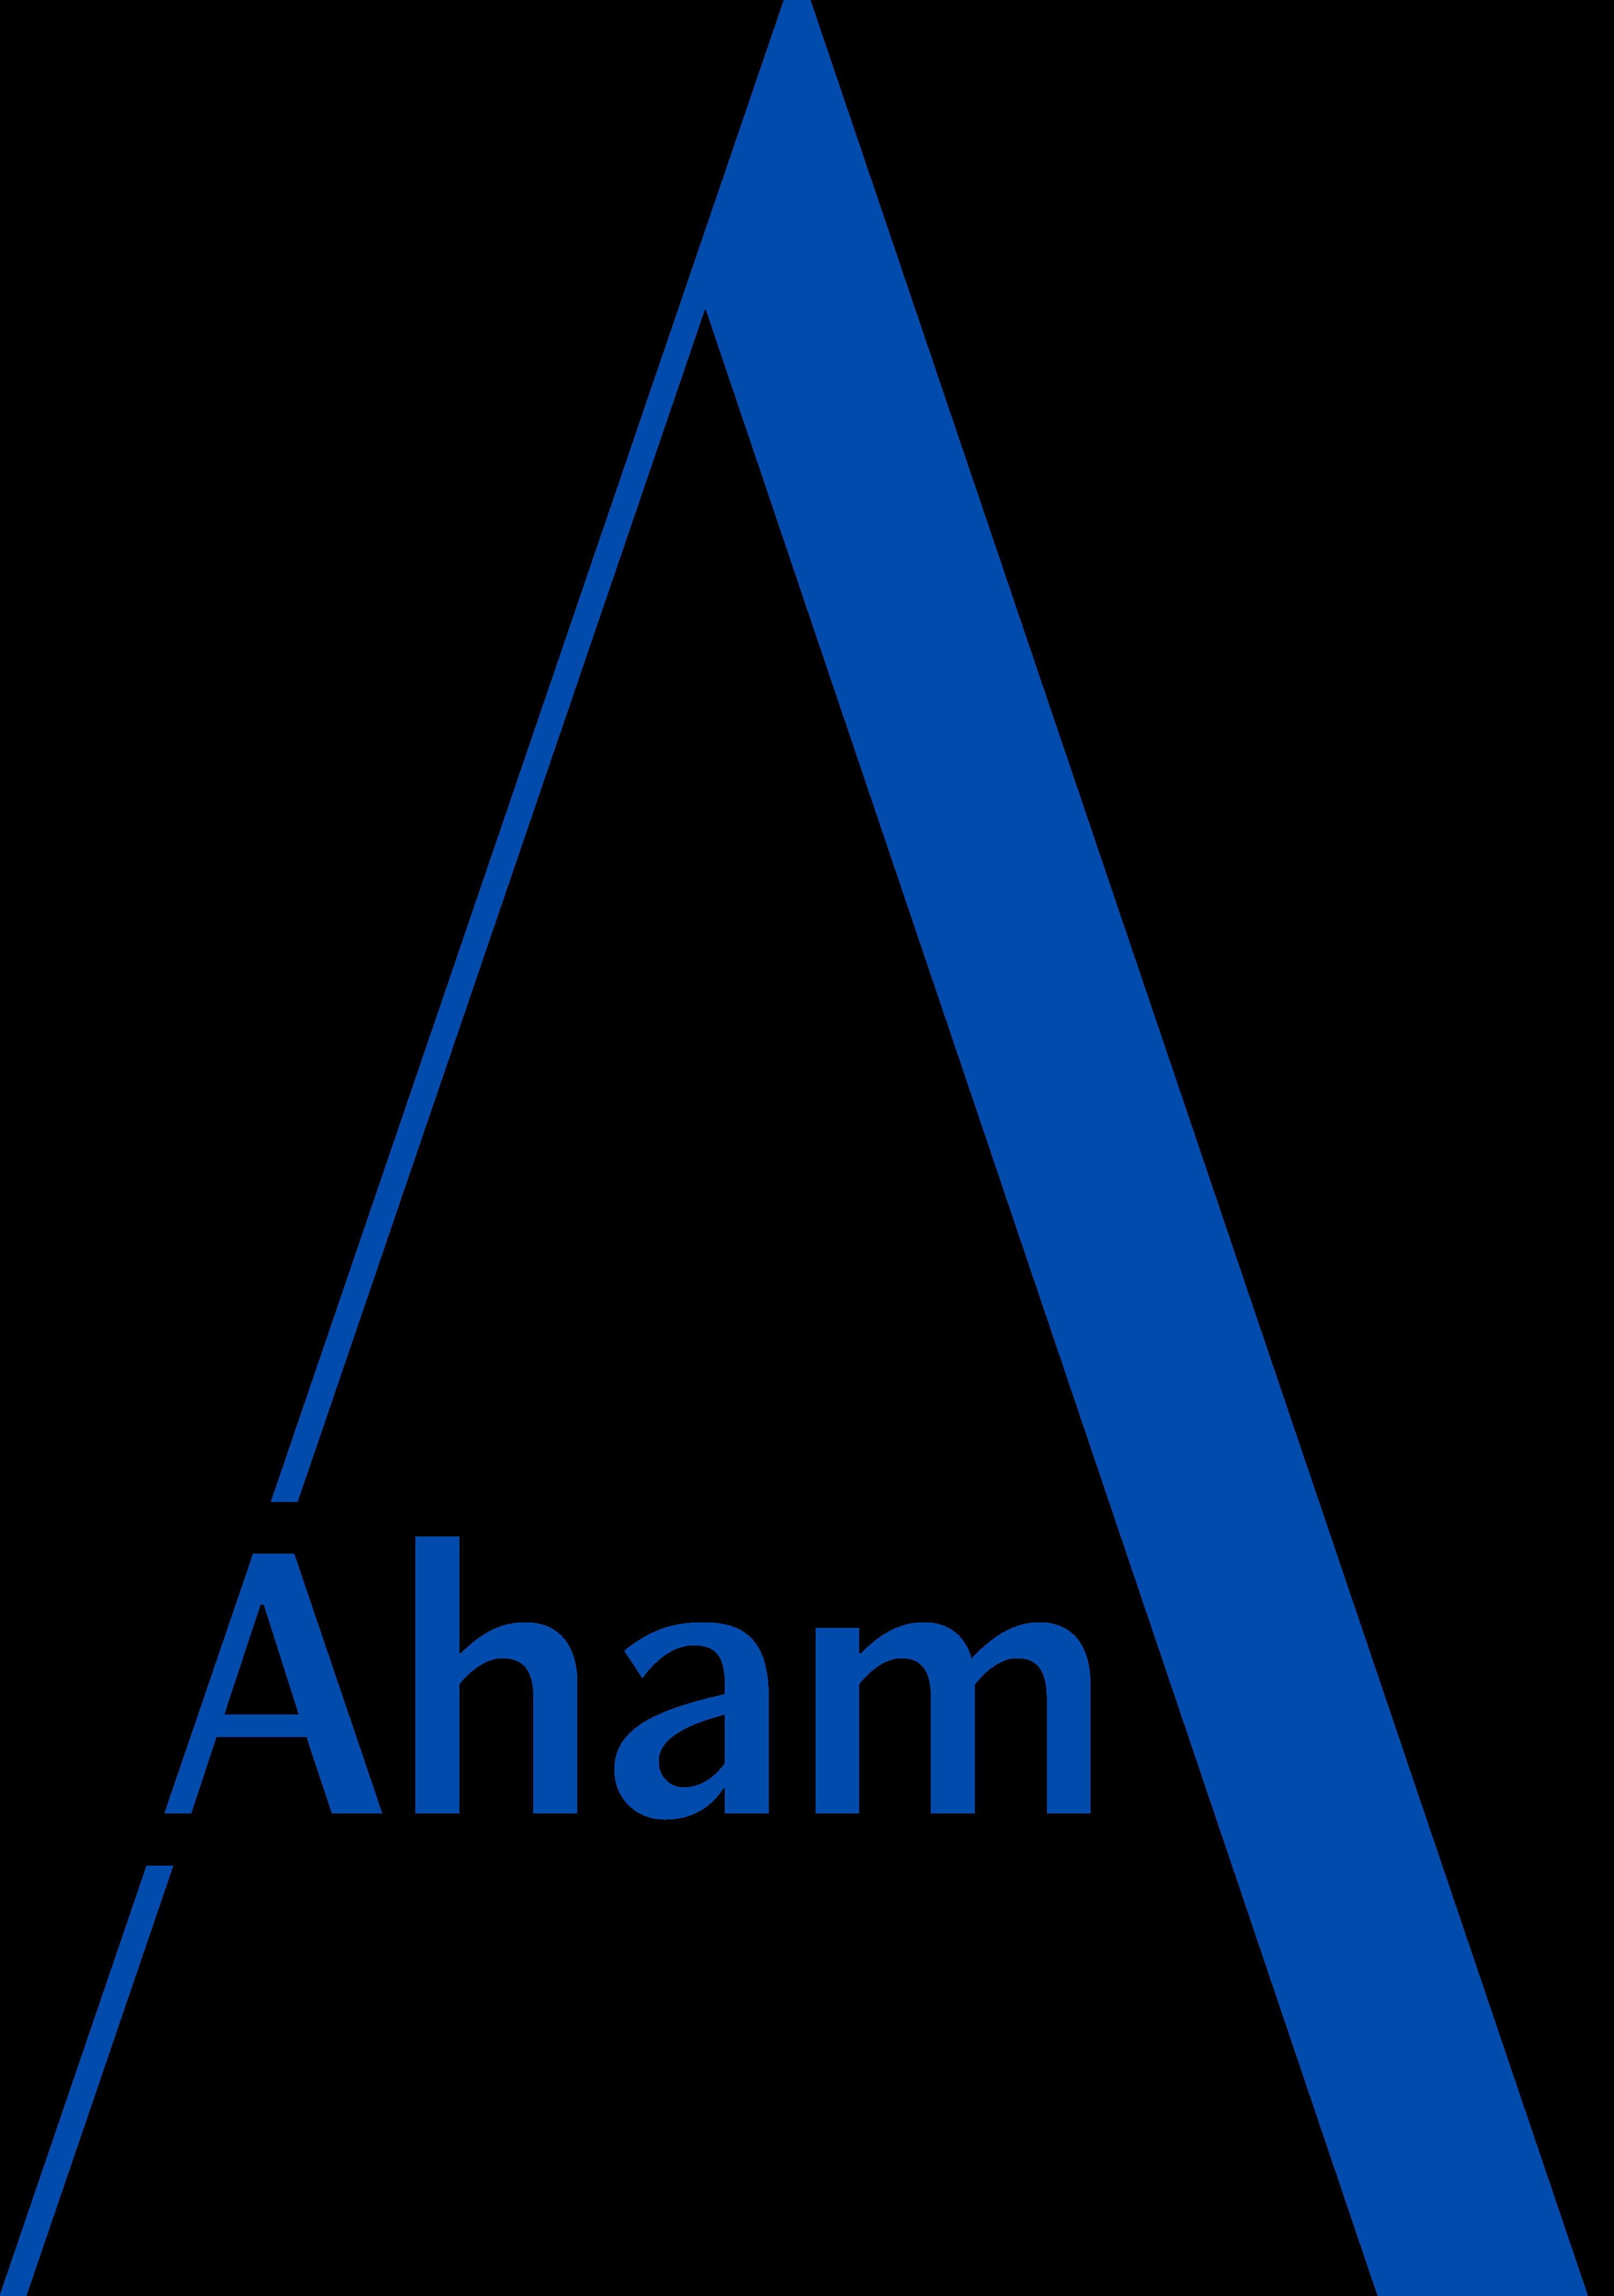 Ahamlearning logo